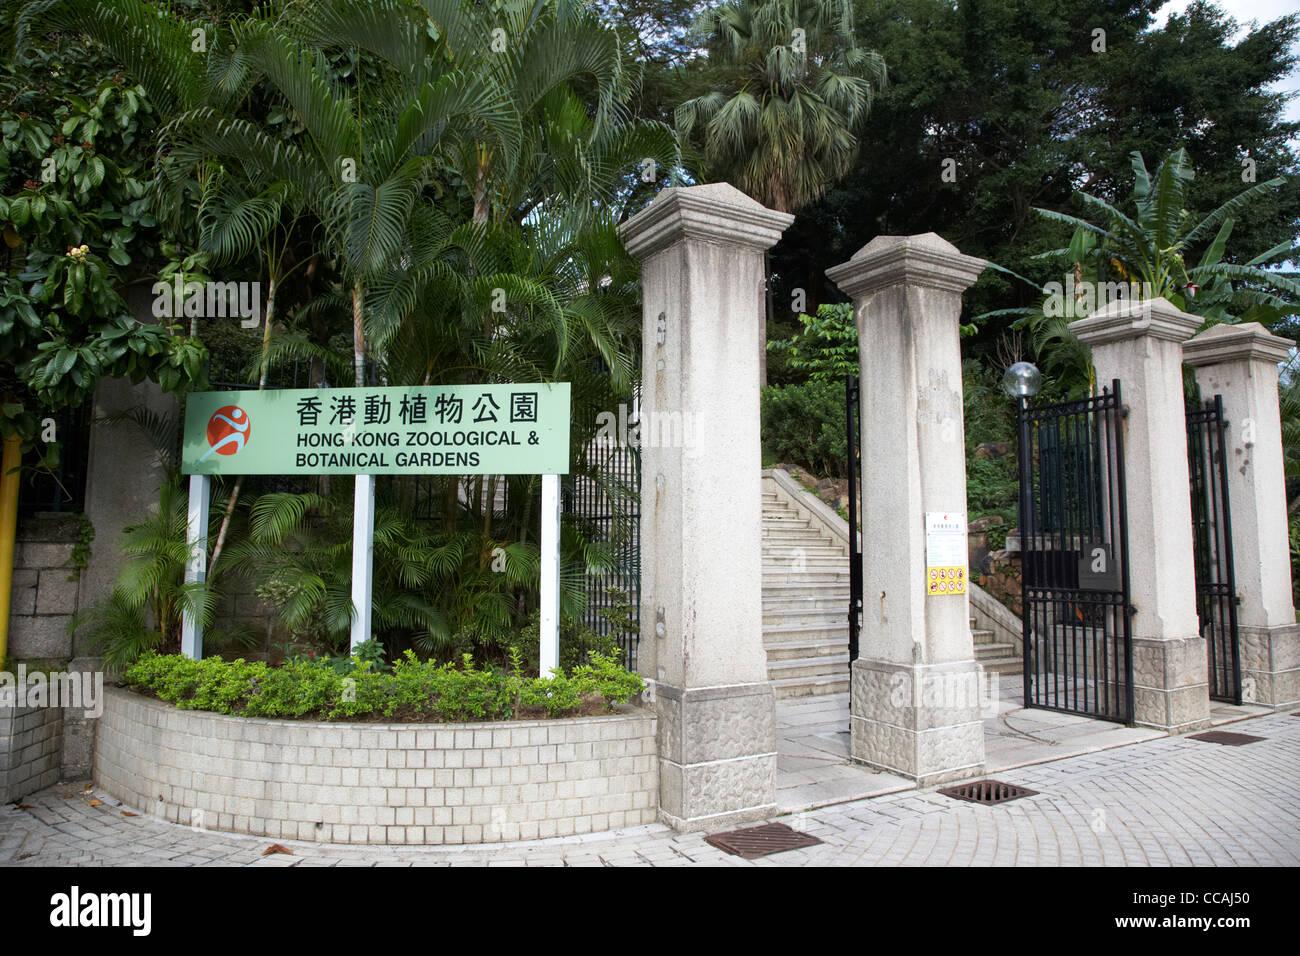 Entrance To Hong Kong Zoological And Botanical Gardens Hksar China Stock Photo Royalty Free